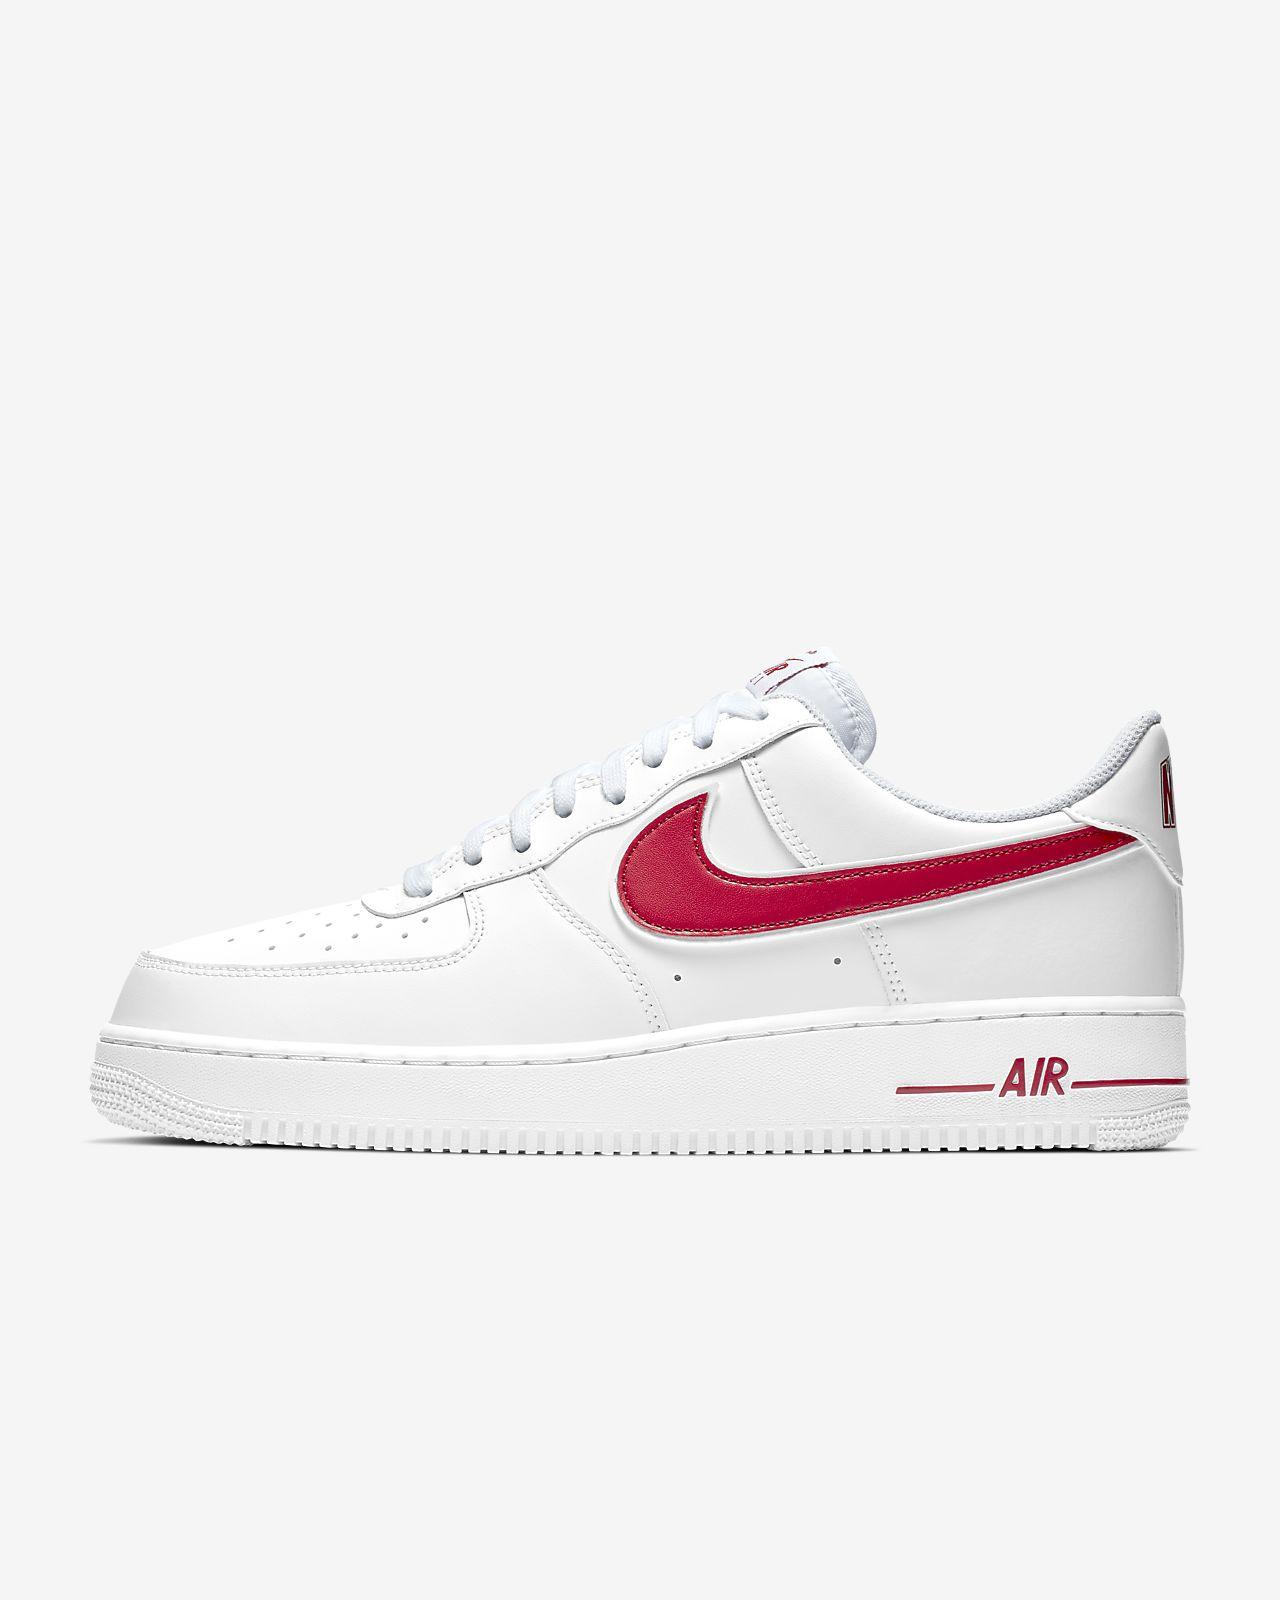 meilleure sélection 0d4dc 7b220 Nike Air Force 1 '07 Men's Shoe